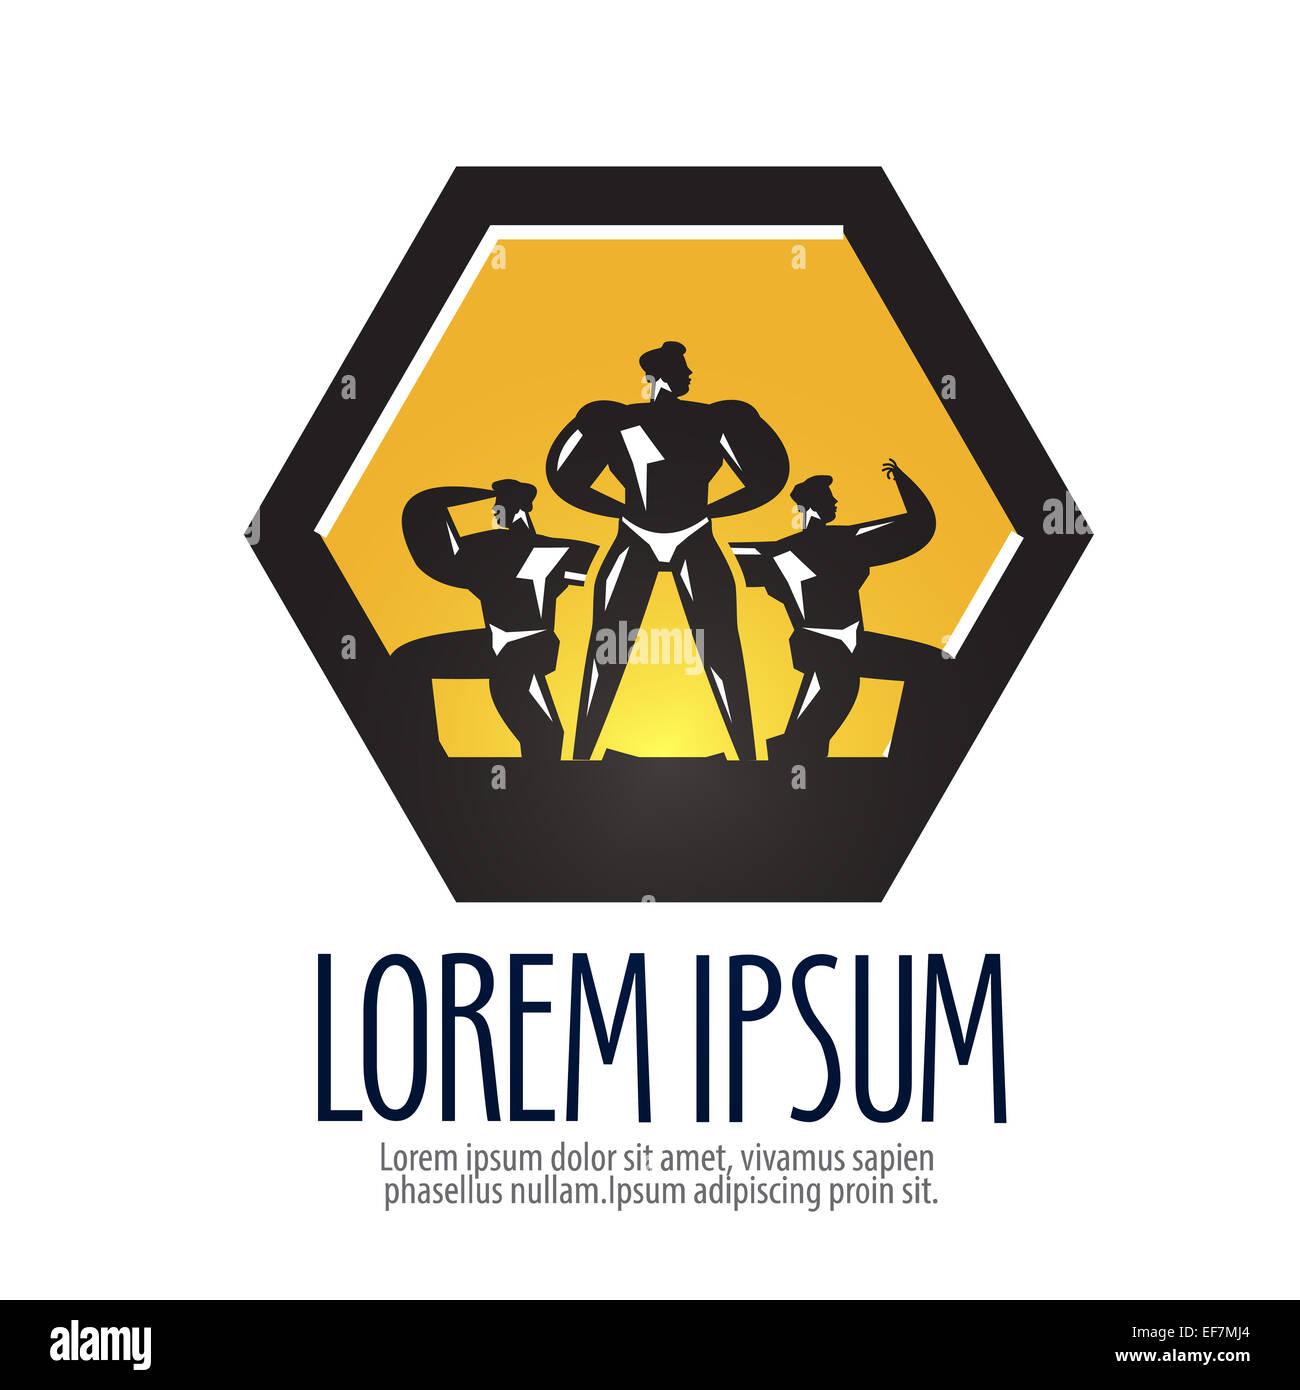 Gym Vector Logo Design Template Bodybuilder Or Sports Icon